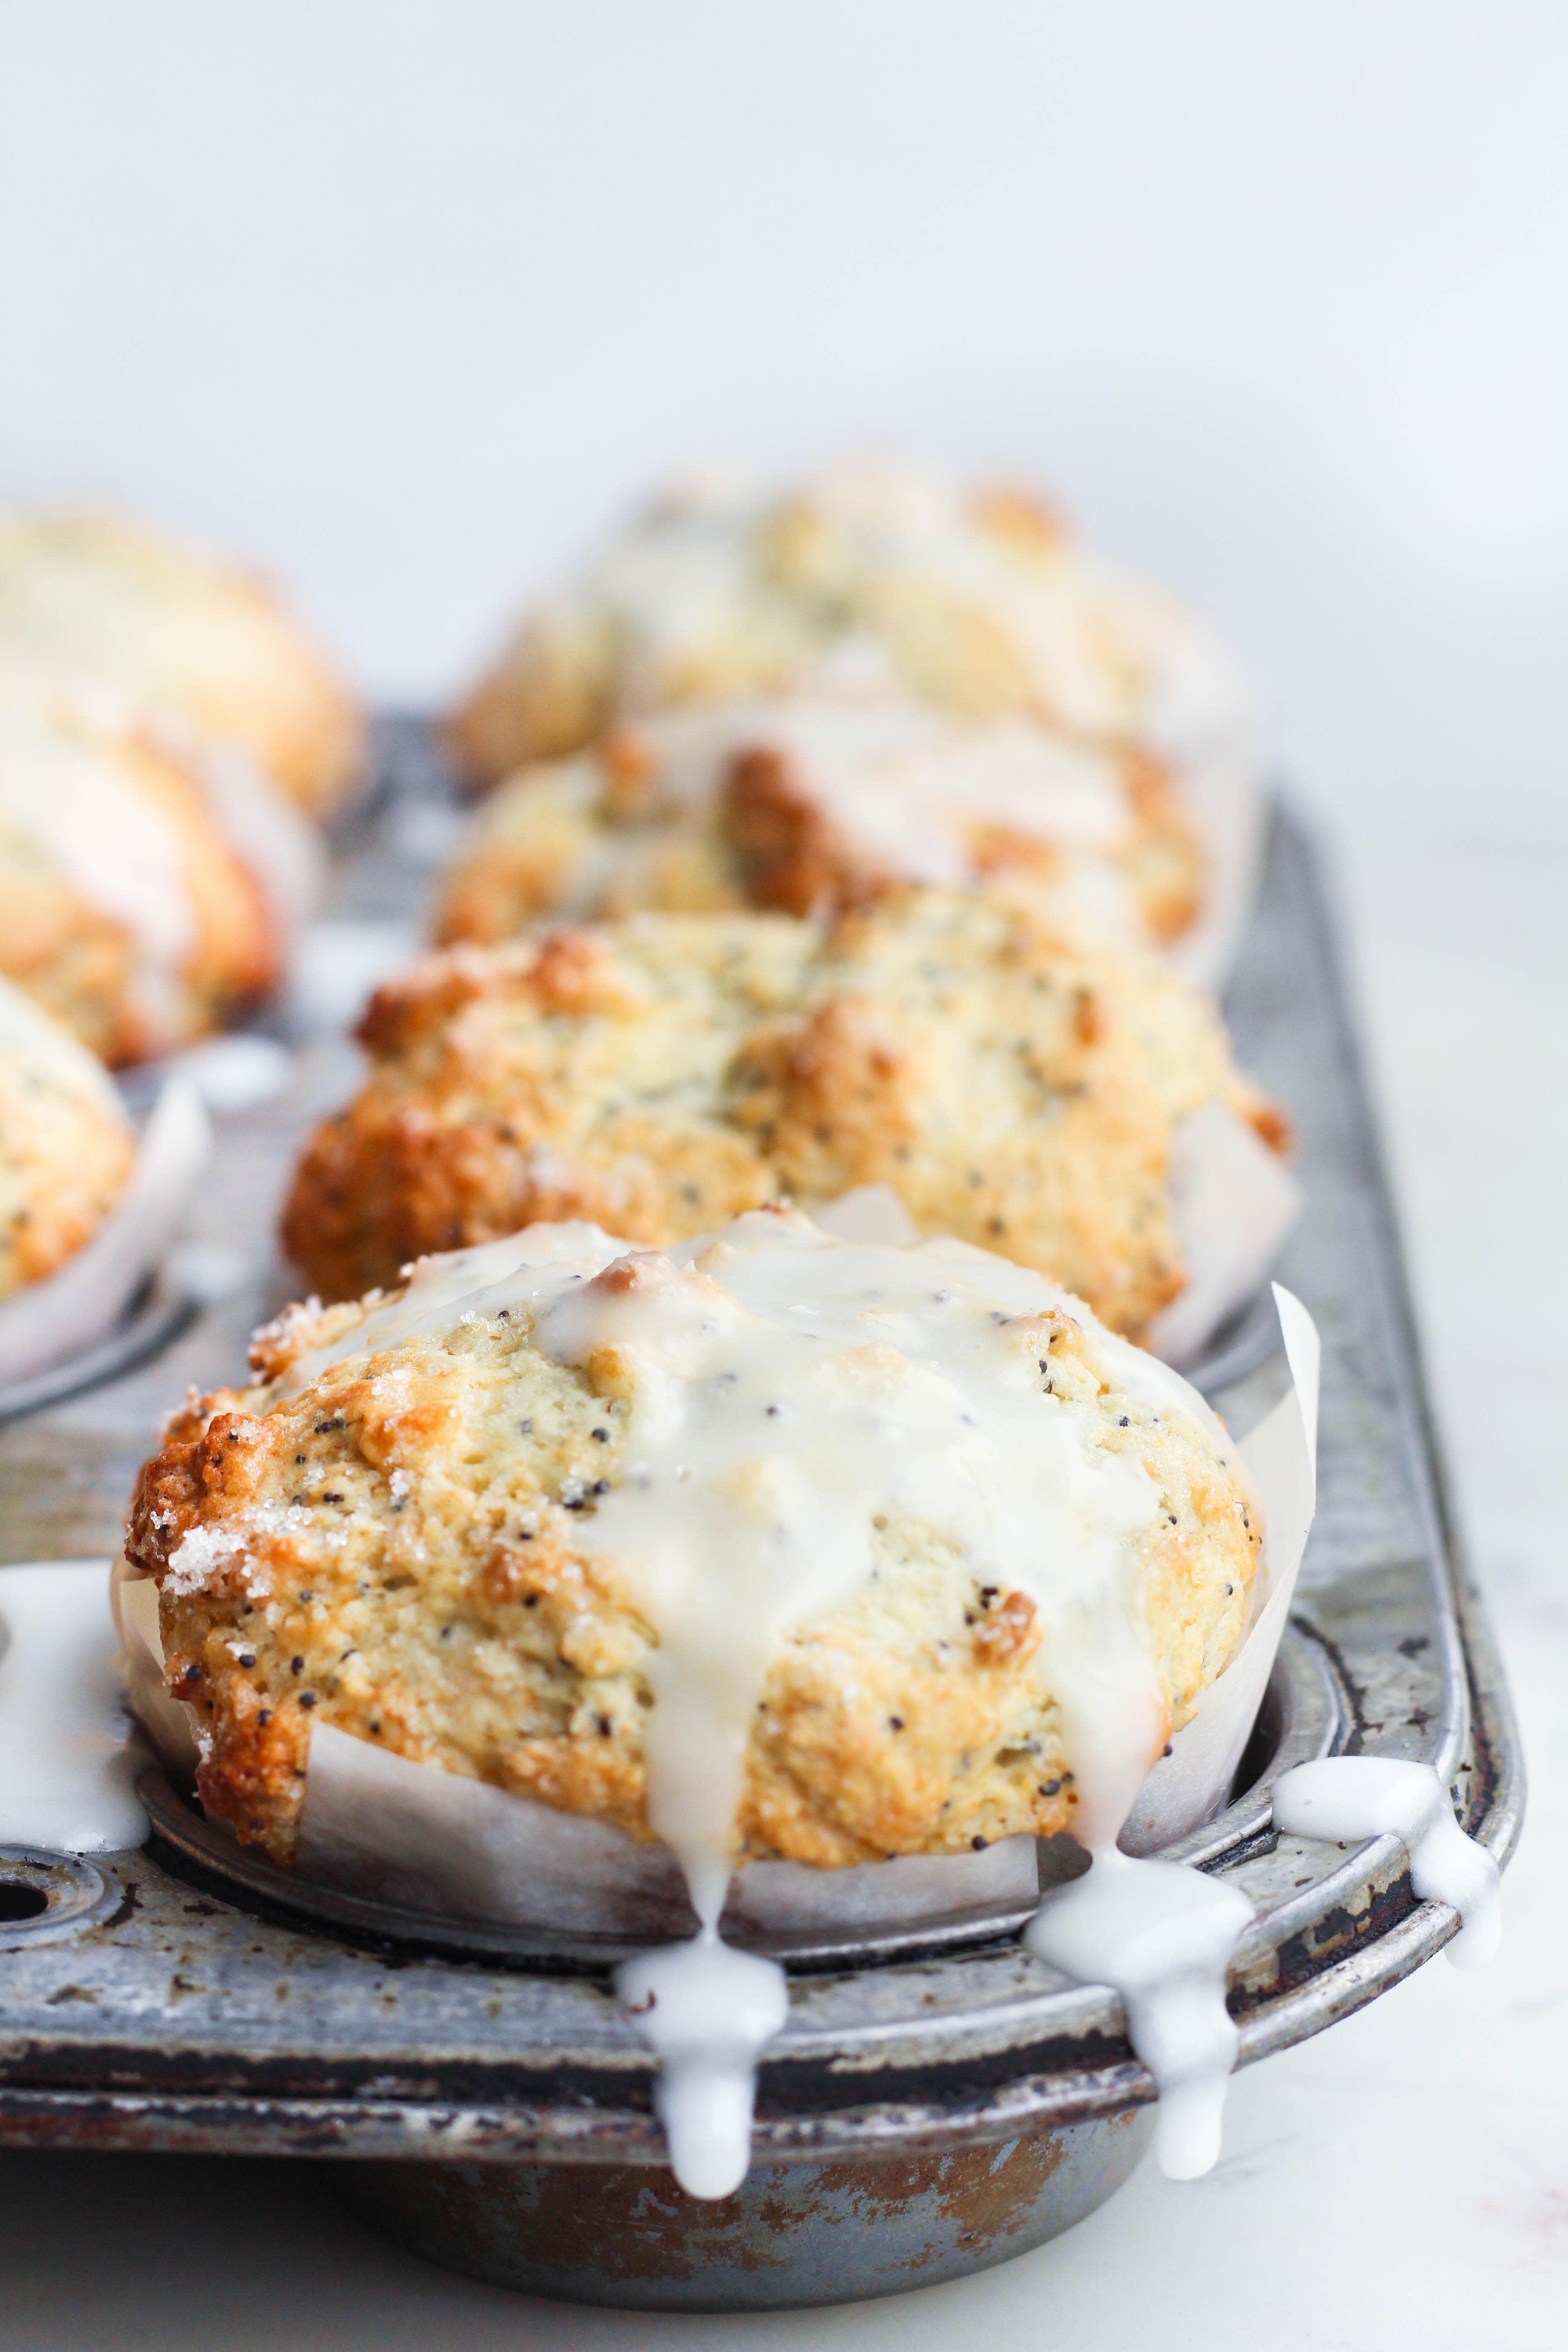 Make These Buttermilk Lemon Poppyseed Muffins for Breakfast